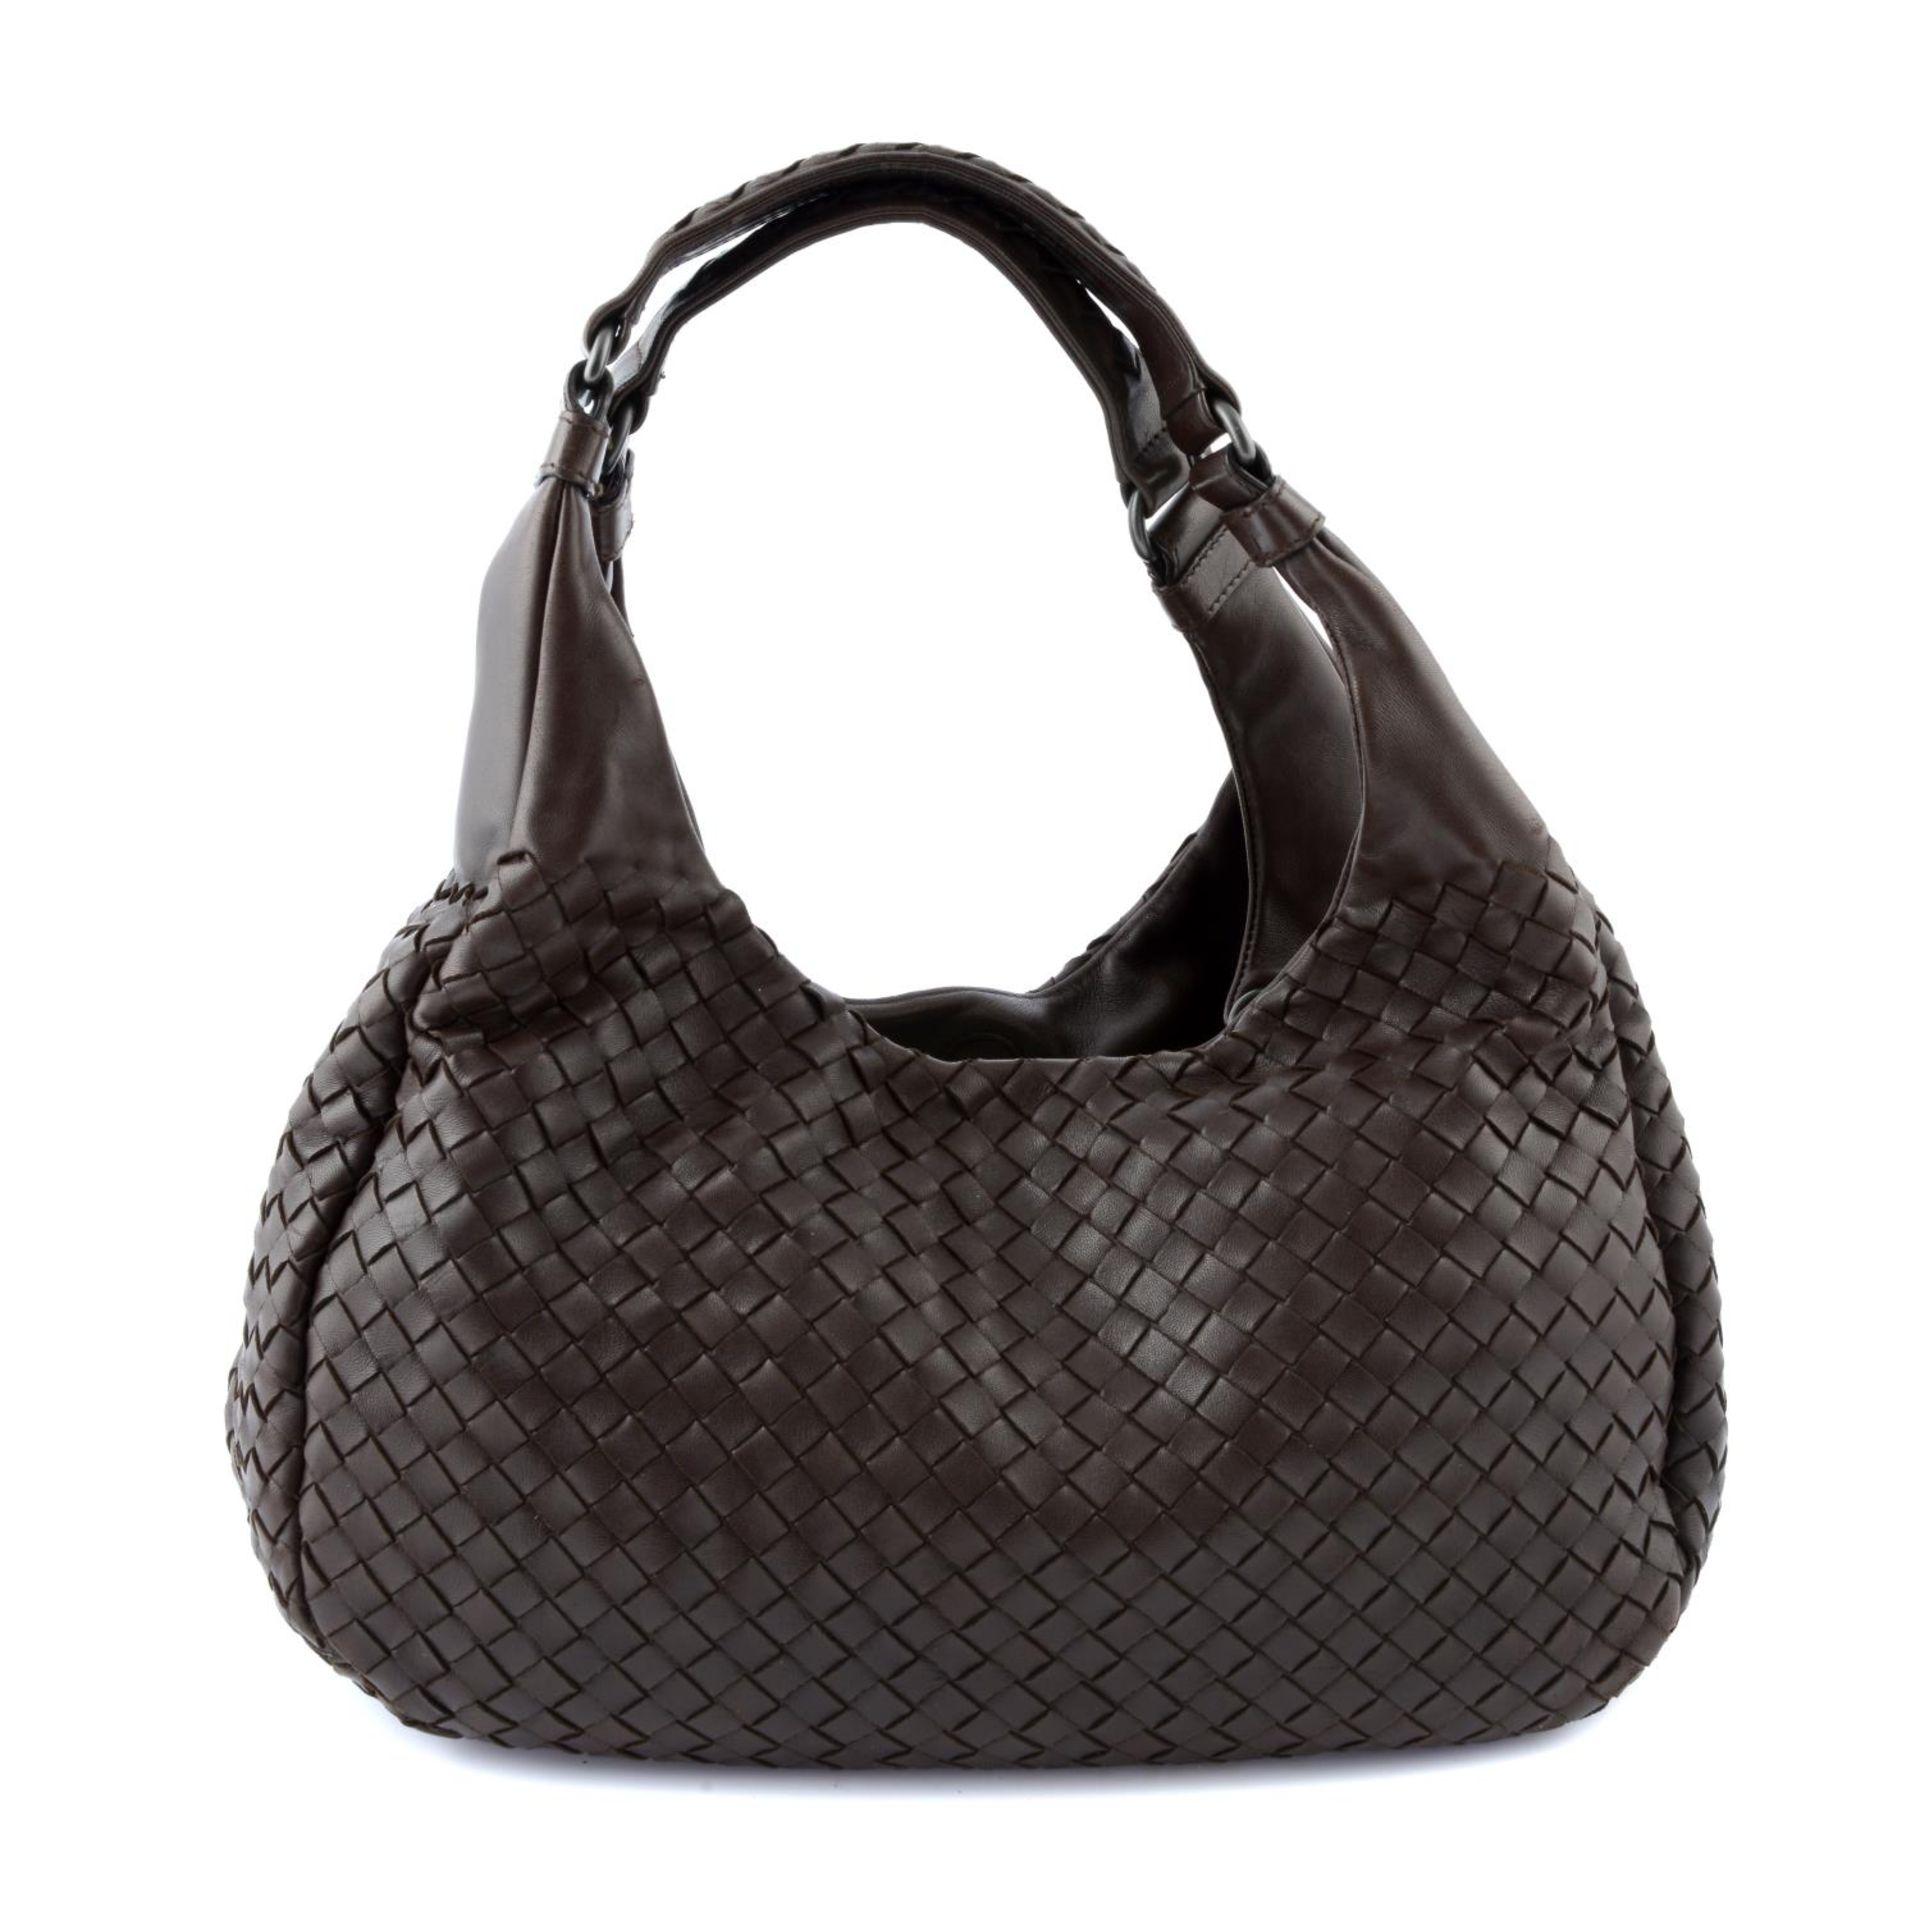 BOTTEGA VENETA - a woven leather Campana hobo handbag.